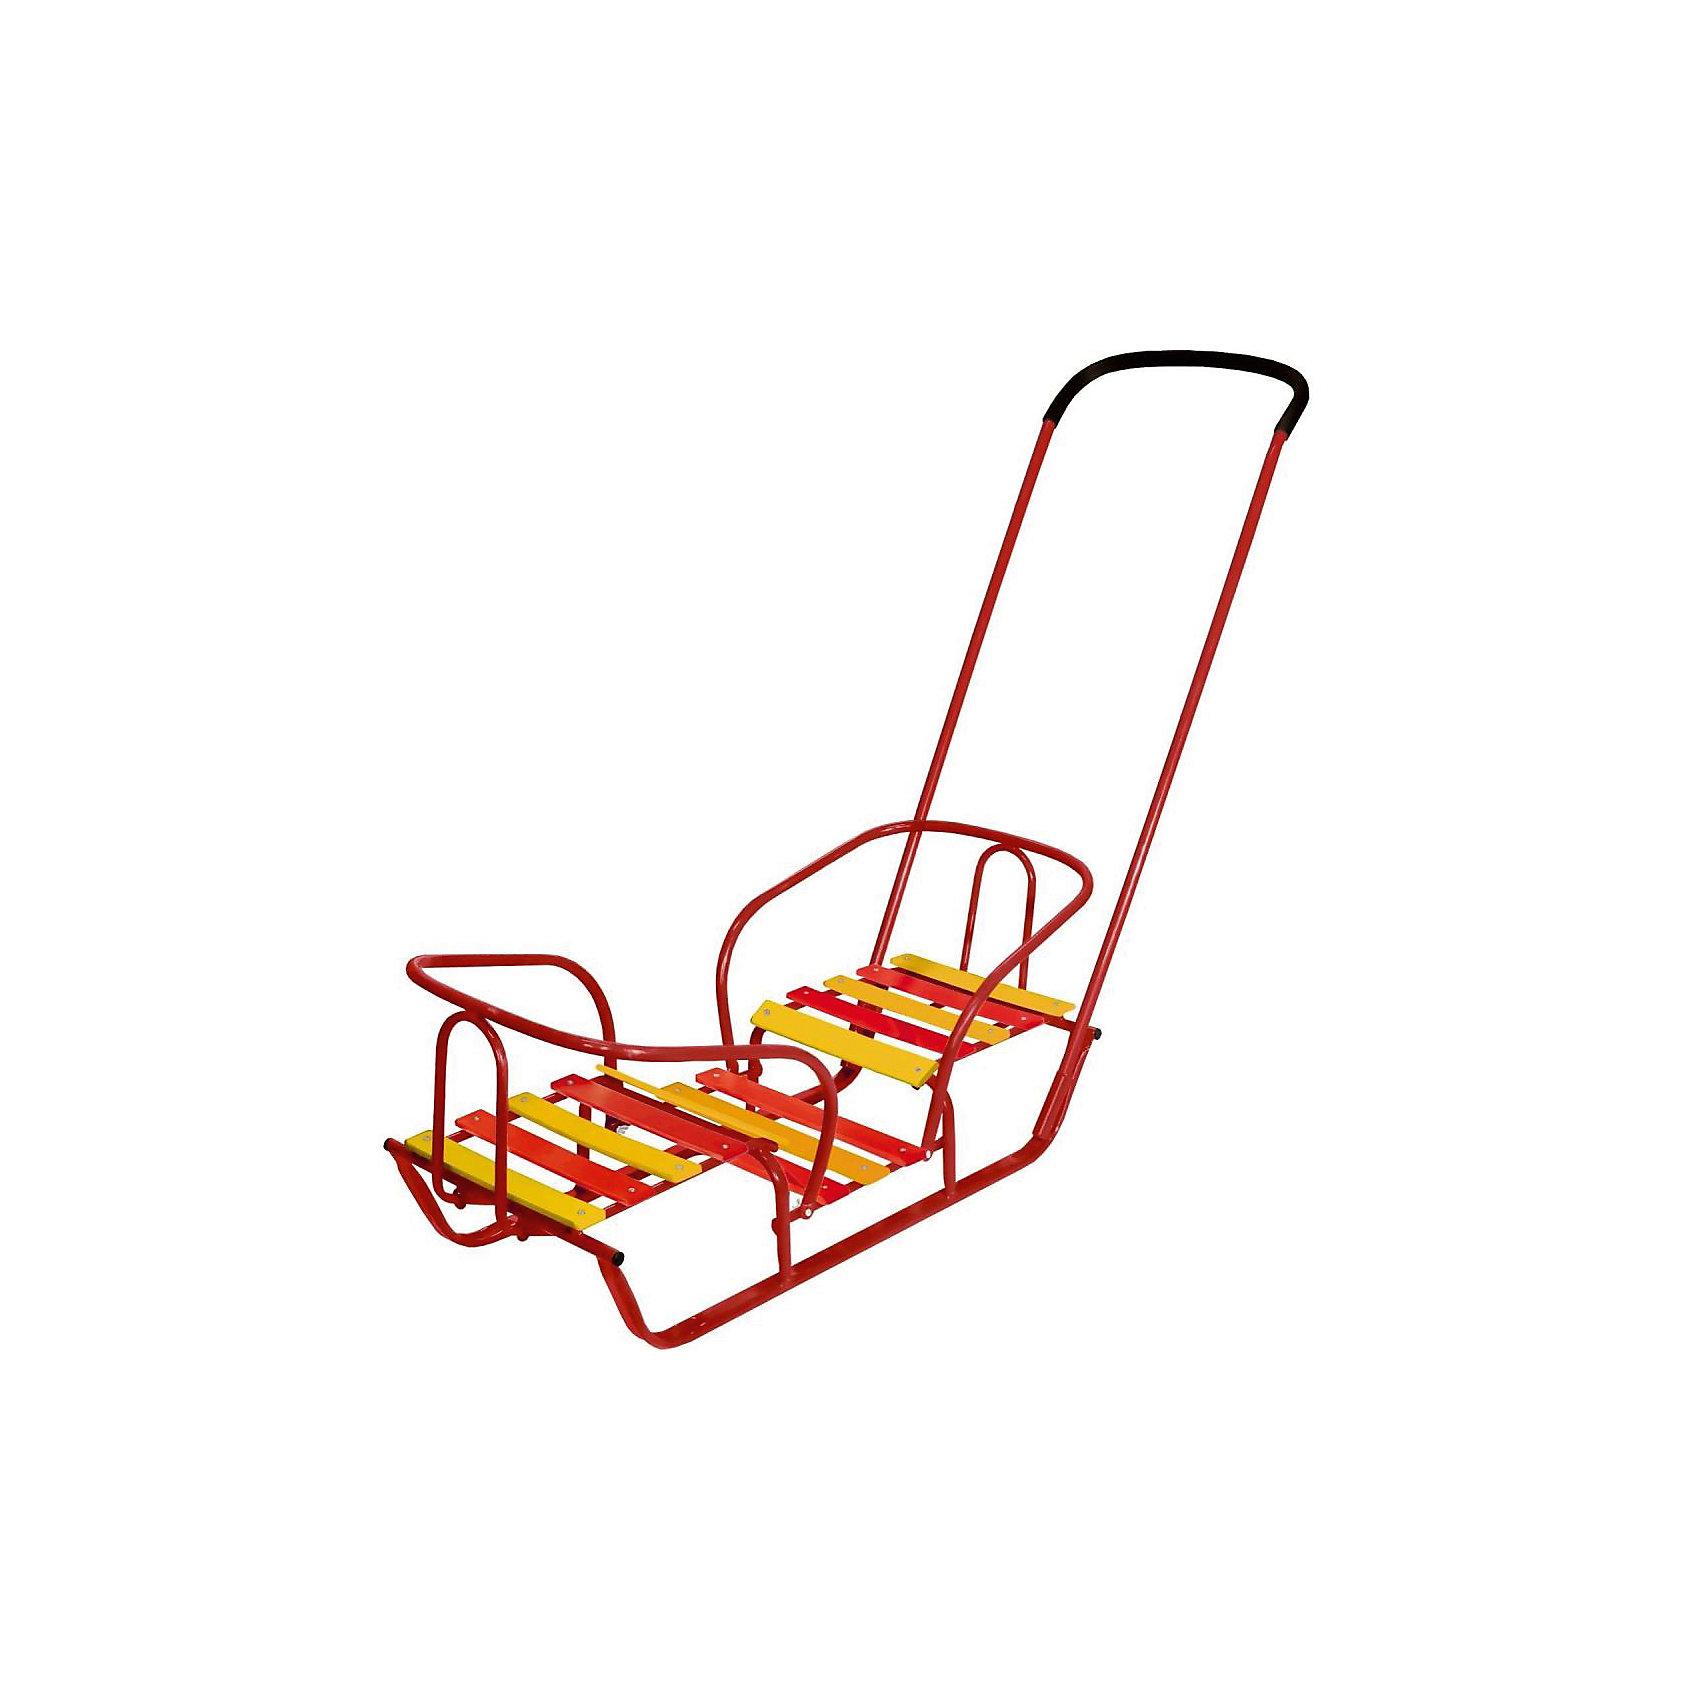 Санки для двойняшек, красные, НикаСанки для двойняшек, красные, Ника<br><br>Характеристика:<br><br>-Возраст: от 1 года до 4 лет<br>-Размеры: одно сидение- 32х29 см<br>                     подножка- 21х32 см<br>                     ширина полоза- 3 см<br>                     высота родительской ручки- 95 см<br>                     общая длина санок- 86 см<br>-Грузоподъёмность: 50 кг<br>-Цвет: красный<br>-Марка: Ника<br><br>Санки для двойняшек - это маневренные и надежные санки с двумя сидениями и съемной родительской ручкой. В них очень удобно перевозить детей погодок или двойняшек.<br>Прочная металлическая конструкция и два сидения со спинками обеспечат безопасность детям. Сидения расположены напротив друг друга и выполнены из деревянных поперечных реек. Также есть высокие бортики для предотвращения падений. Ручку-толкателя с прорезиненной накладкой  устанавливается в одном положении, также ее можно убрать. Плоские полозья хорошо скользят по снегу для более комфортных прогулок.<br><br>Санки для двойняшек, красные, Ника можно приобрести в нашем интернет-магазине.<br><br>Ширина мм: 880<br>Глубина мм: 420<br>Высота мм: 340<br>Вес г: 3450<br>Возраст от месяцев: 36<br>Возраст до месяцев: 2147483647<br>Пол: Женский<br>Возраст: Детский<br>SKU: 5191177